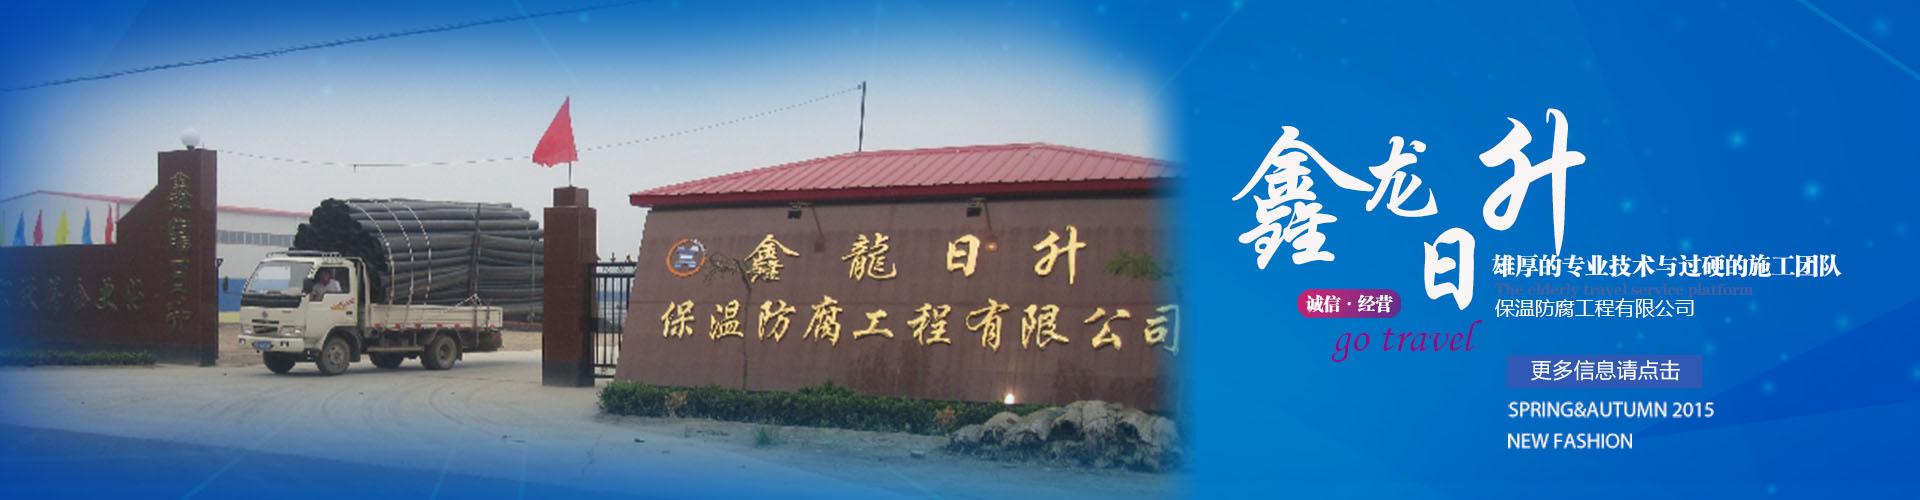 大城县鑫龙日升保温防腐工程有限公司